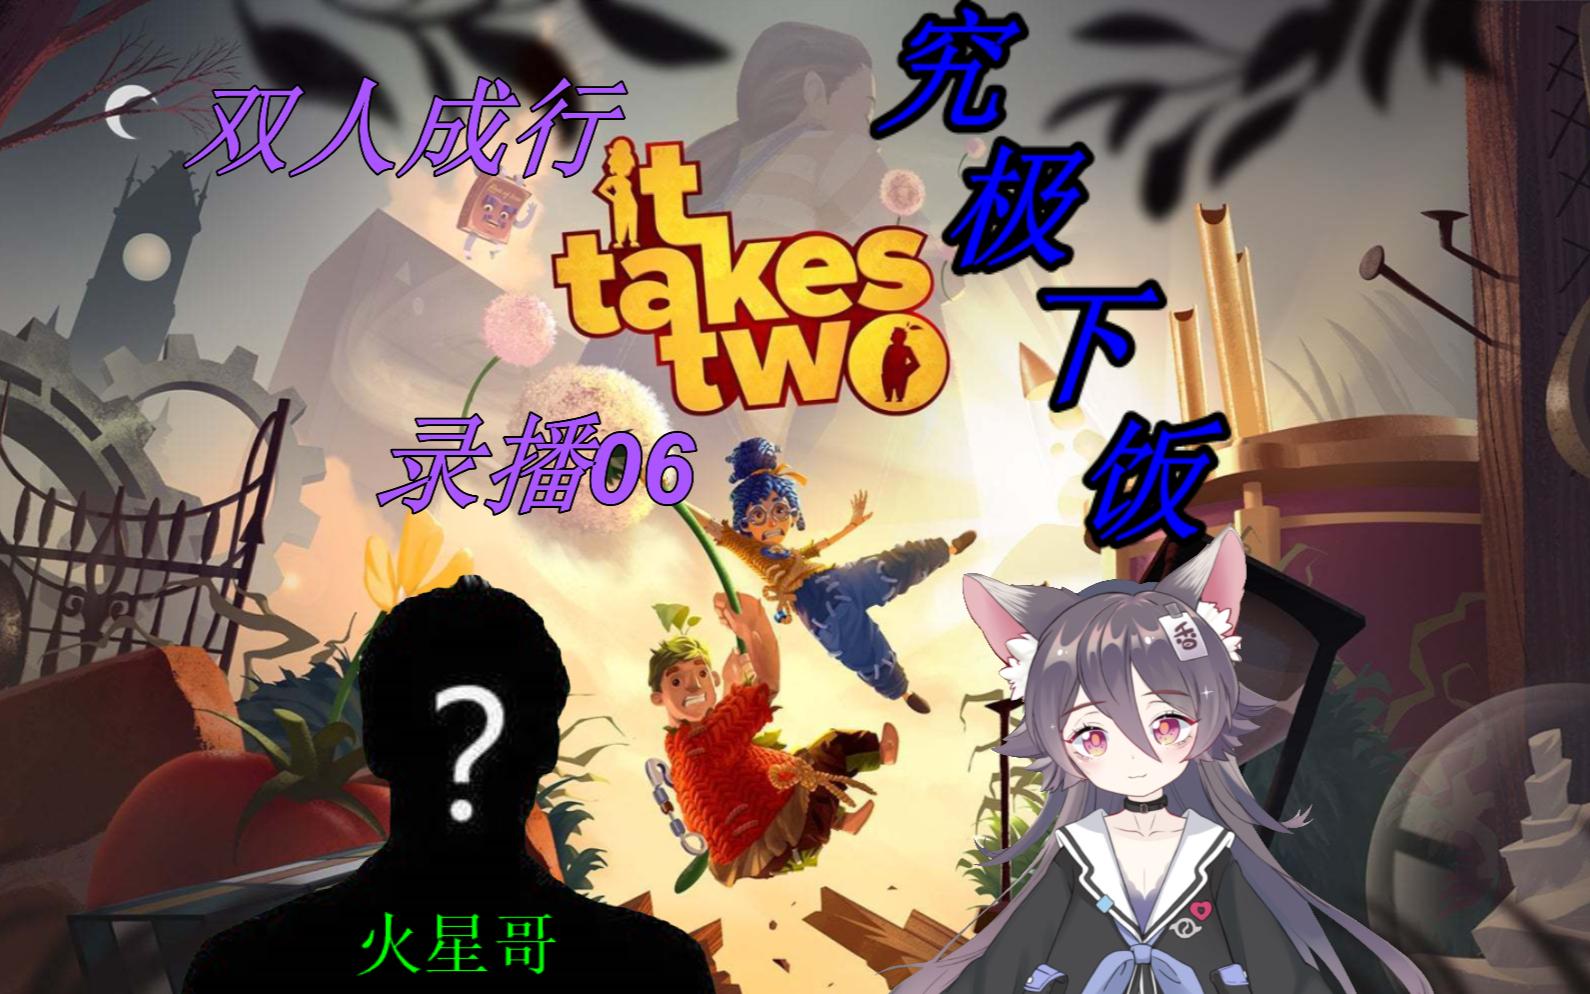 【双人成行】要素颇多的玩具王国,双人成行全流程06